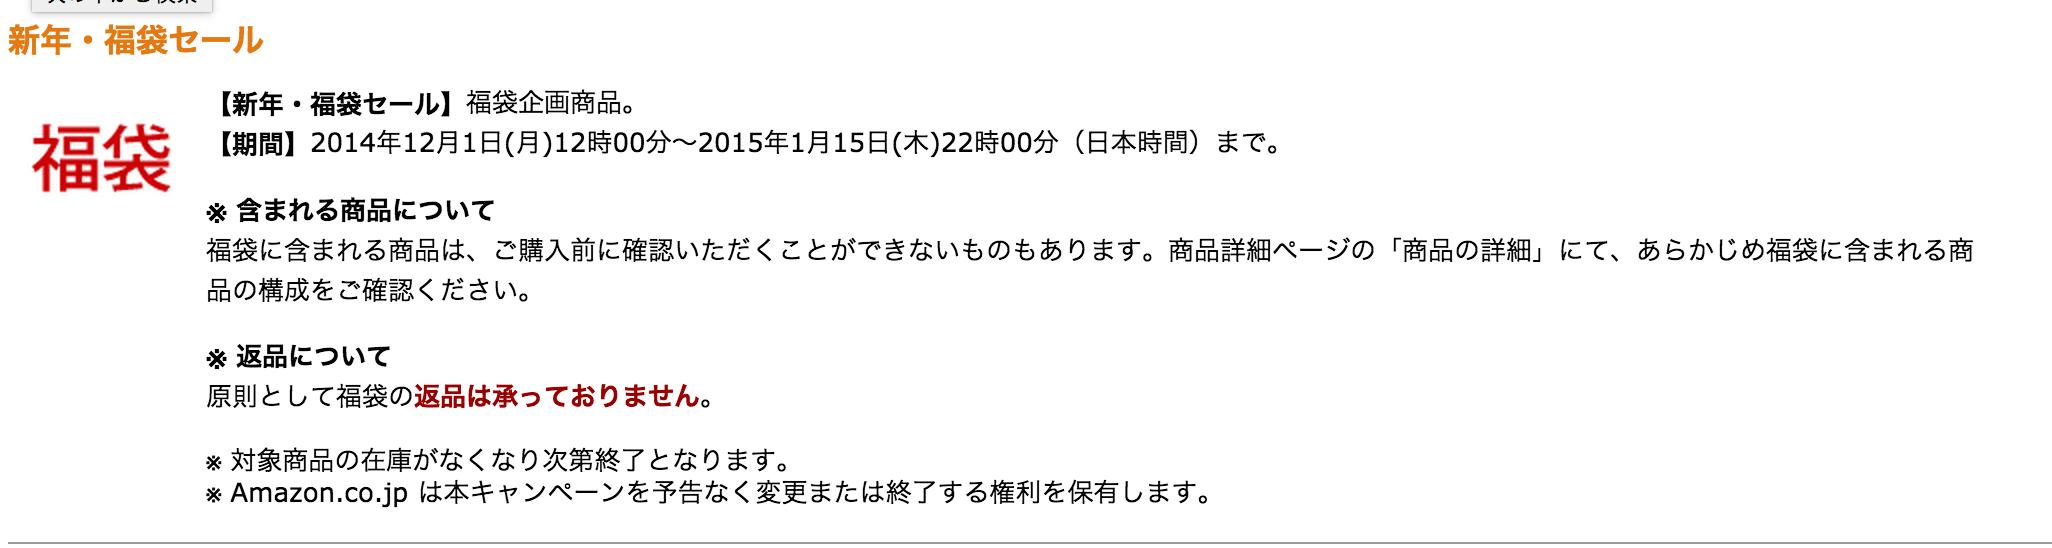 スクリーンショット 2015-01-05 17.42.16